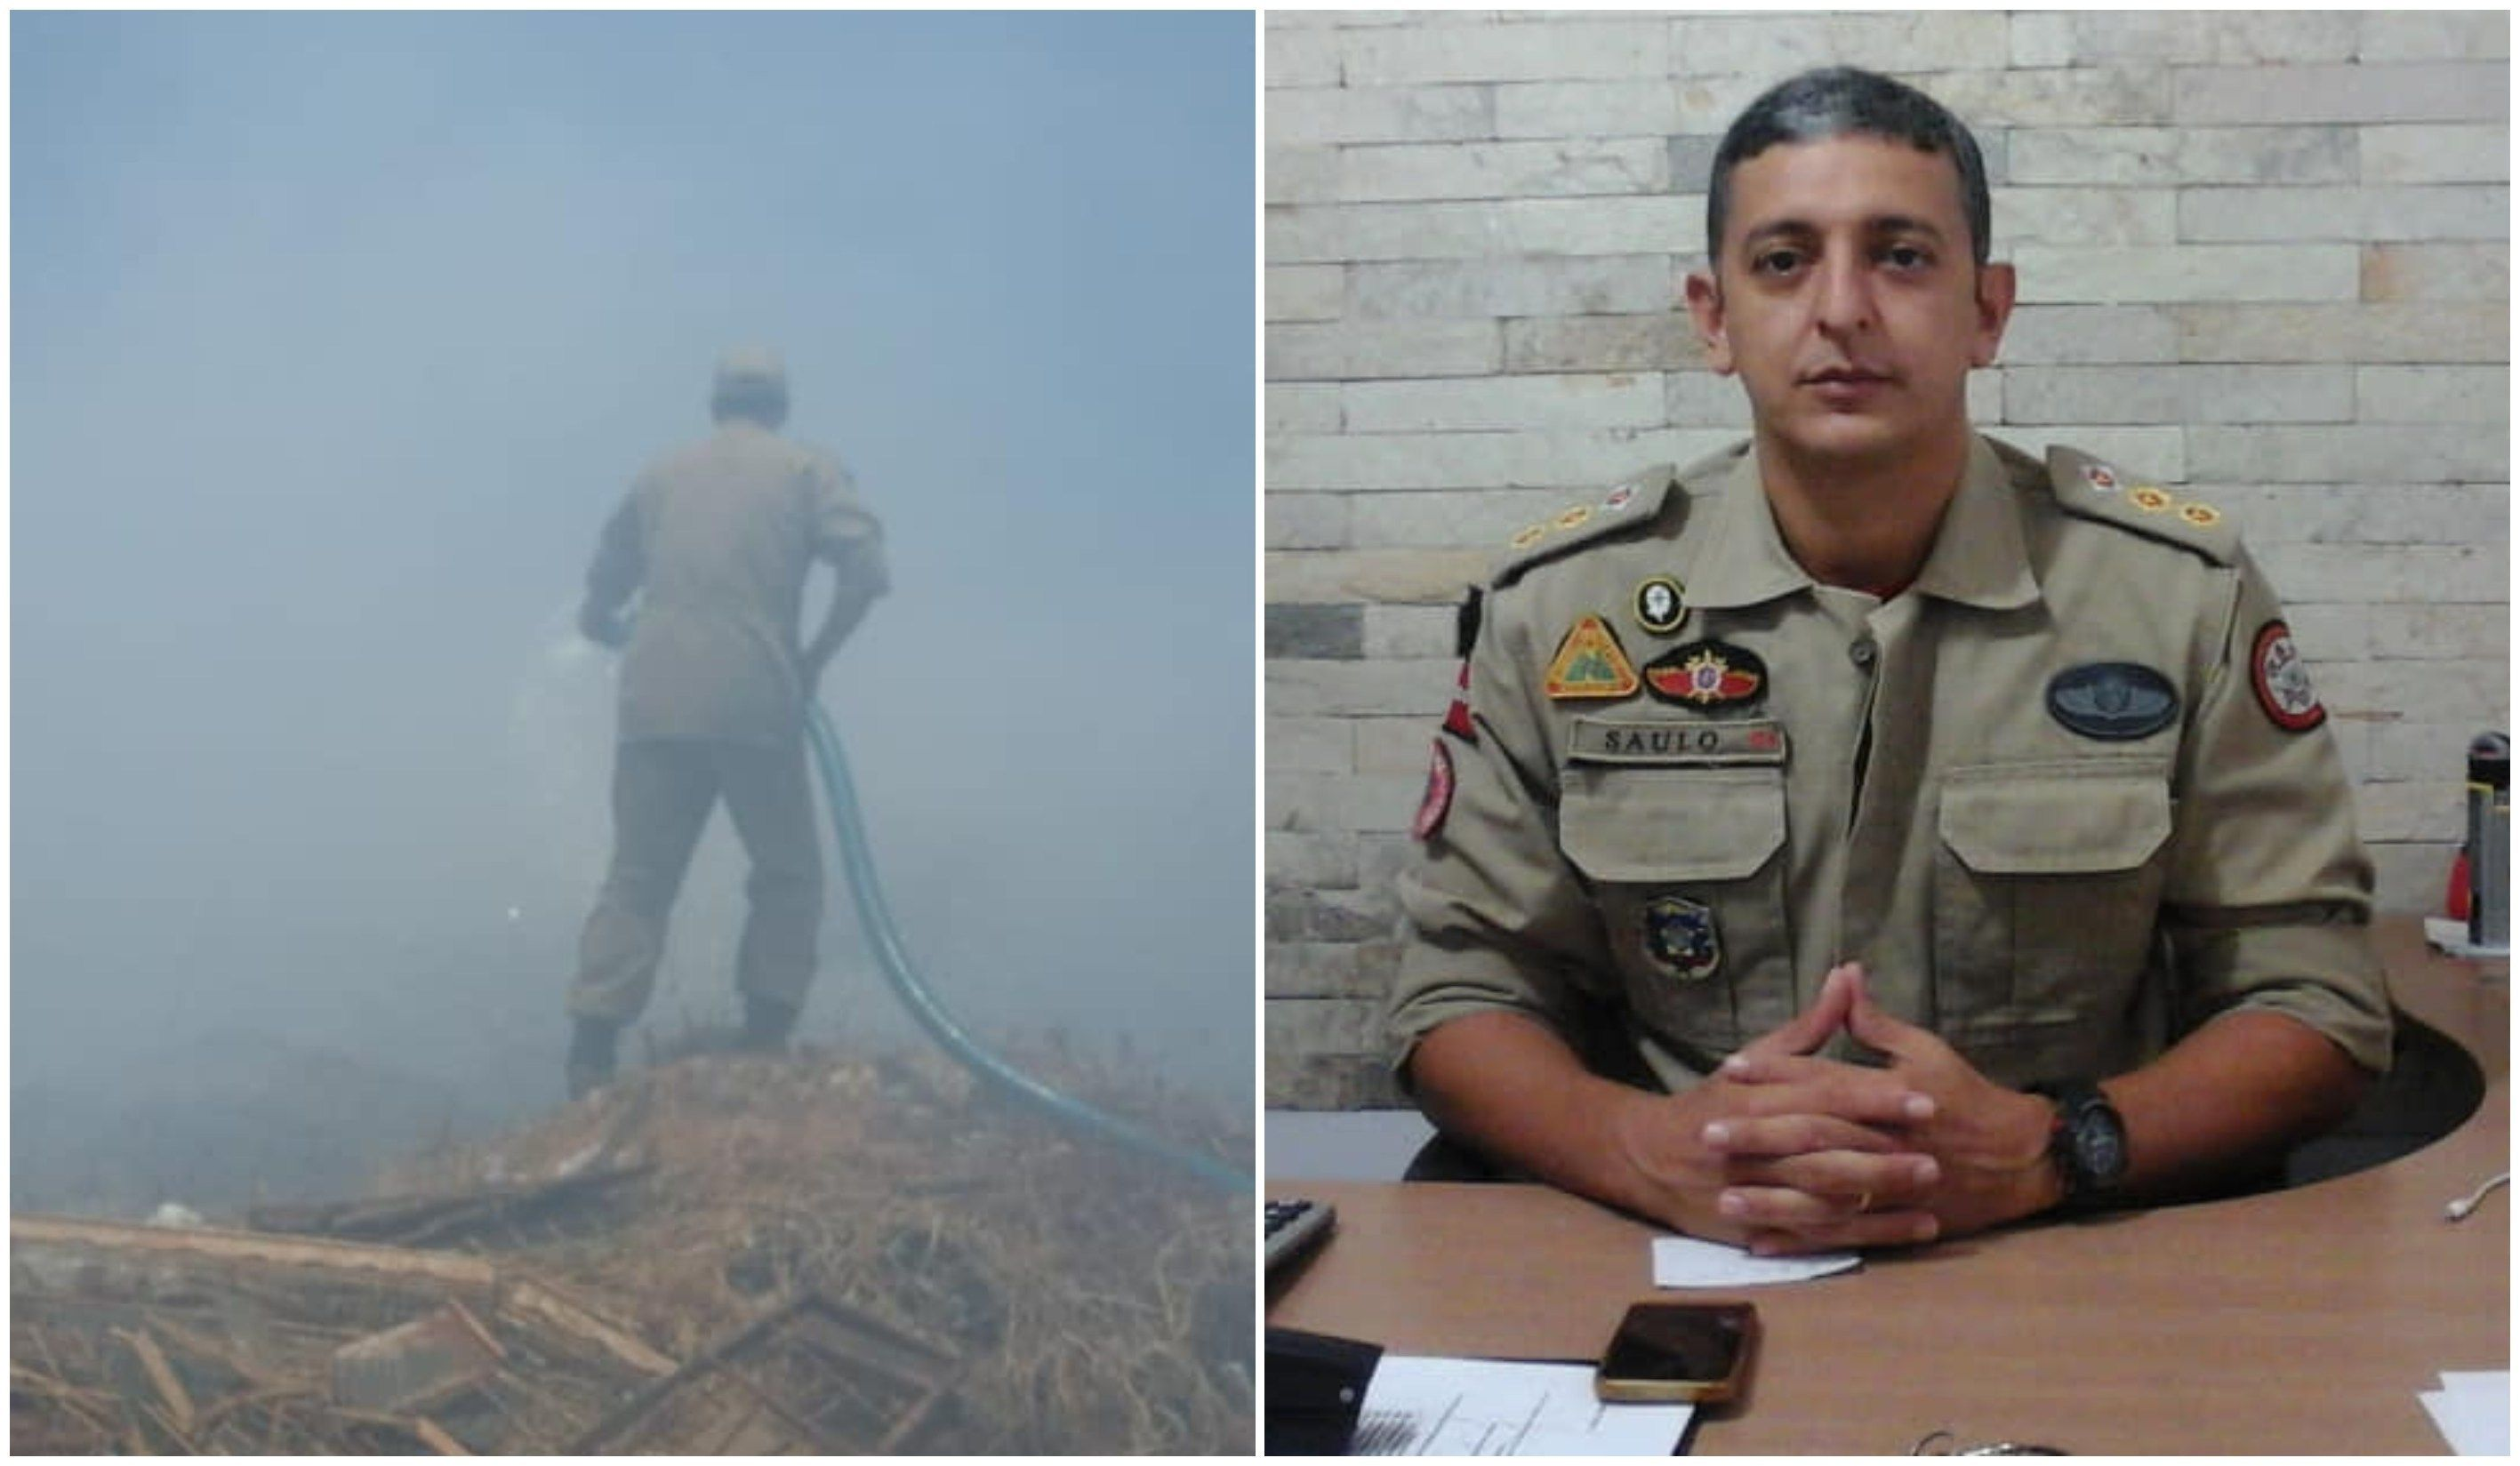 Tenente-coronel Saulo Laurentino é promovido e vai comandar agora o 3° Comando Regional